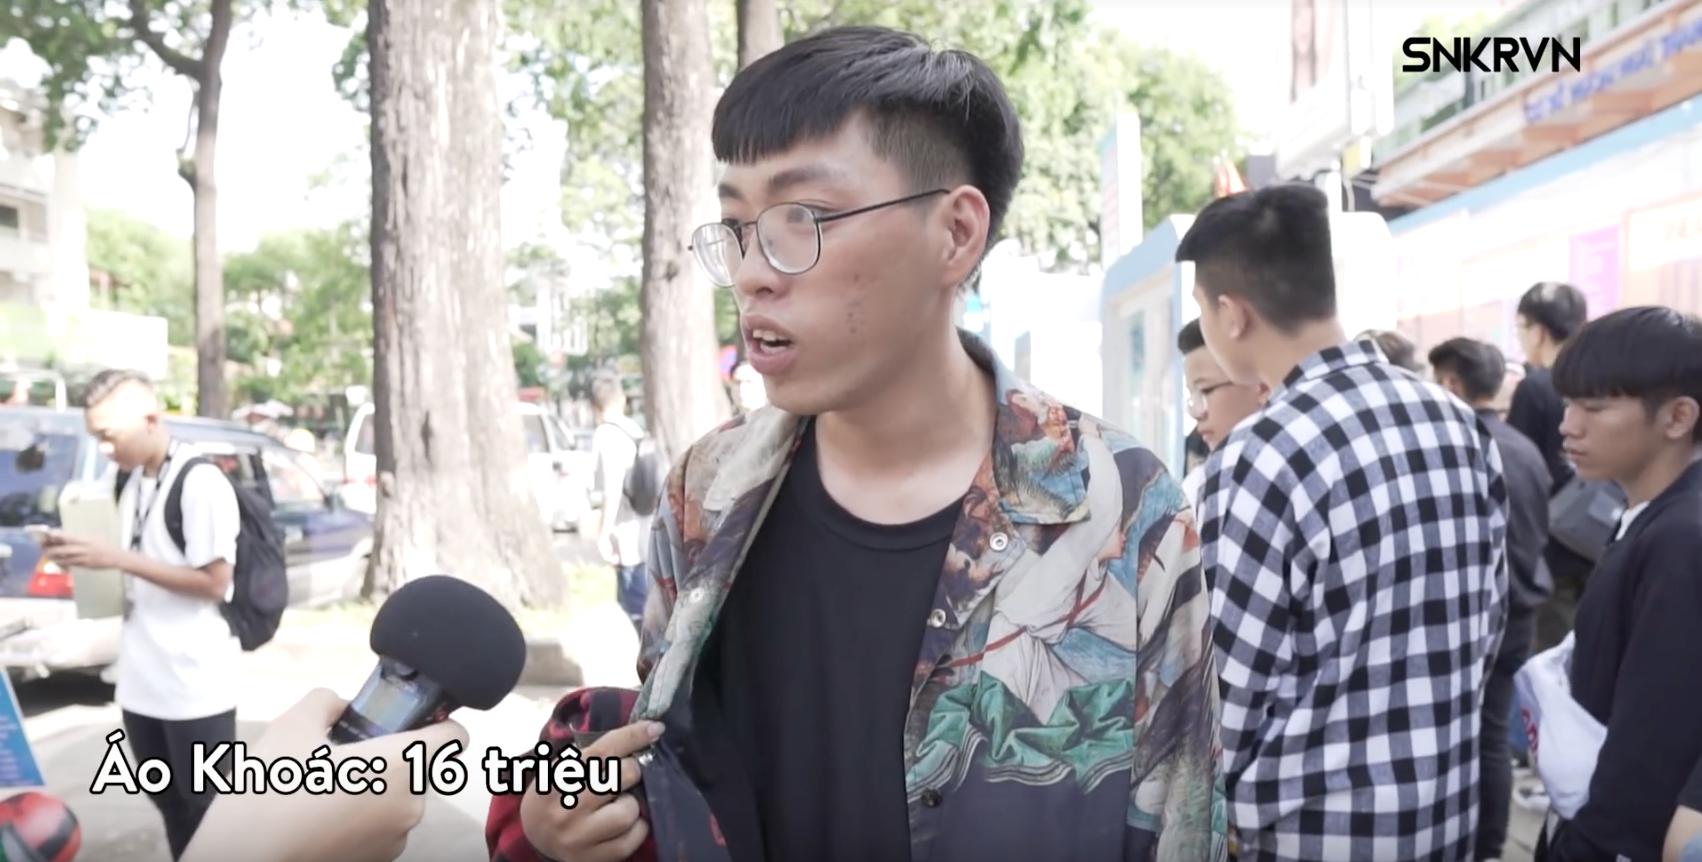 Xem rich kid Việt khoe set đồ giá gần 100 triệu, dân mạng nghĩ gì? - Ảnh 2.